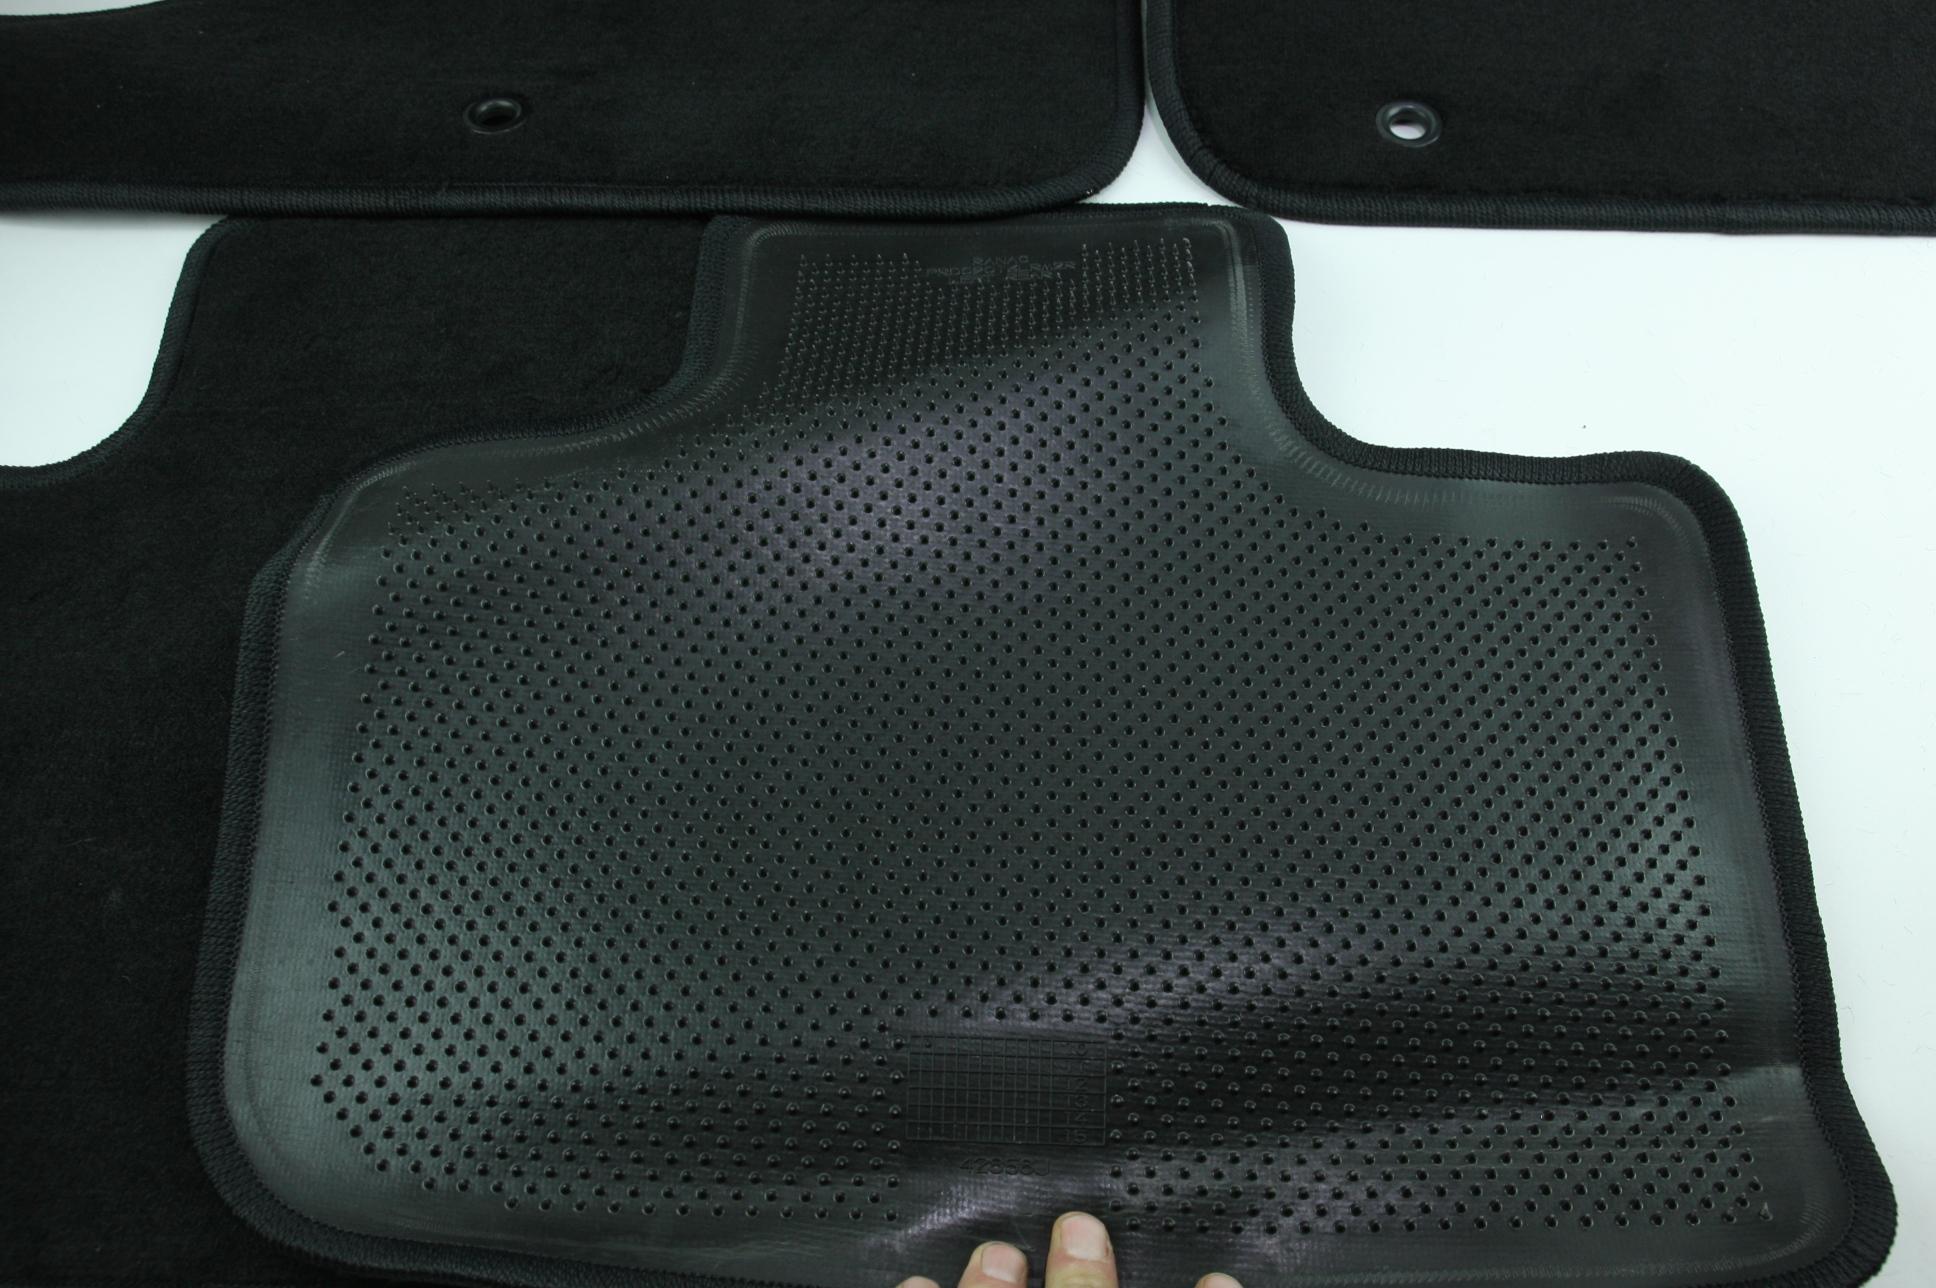 New OEM Genuine Mopar 1NL24DX9AC 11-12 Dodge Charger Mat Kit Front & Rear NIP - image 9